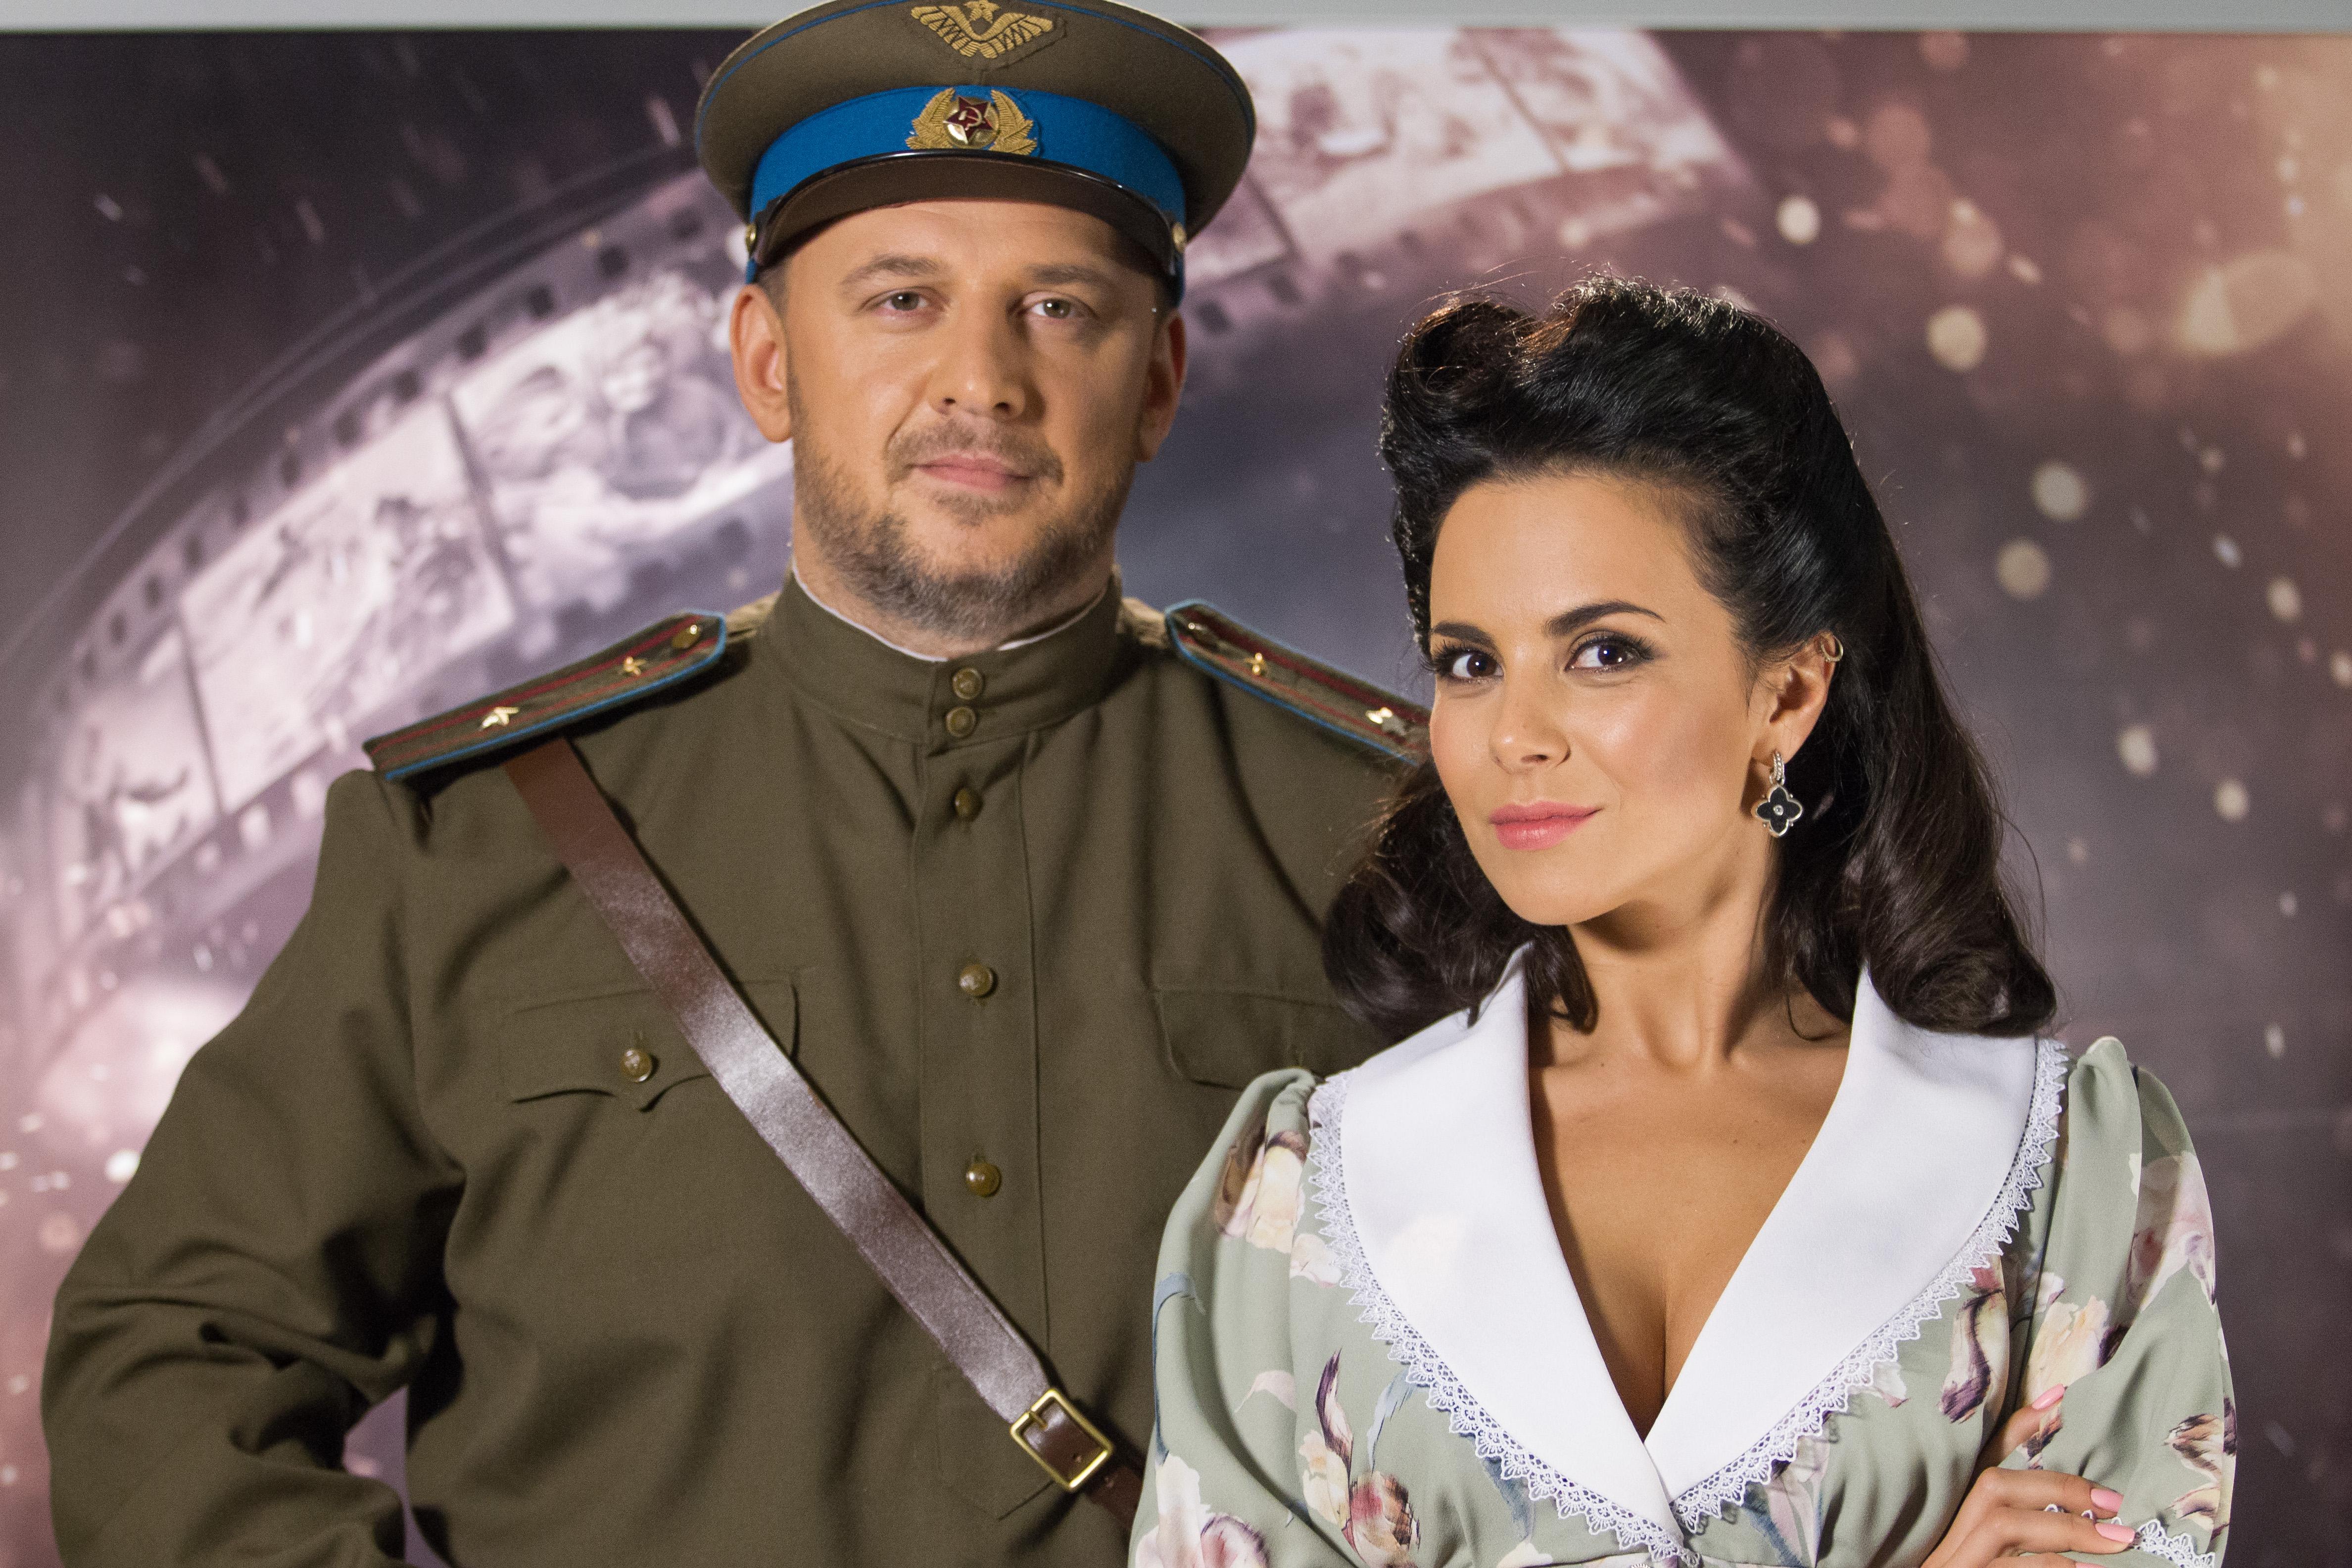 Радикали та Азов звернулися до влади Івано-Франківська з проханням скасувати концерт дуету Потап і Настя, запланований на 21 квітня